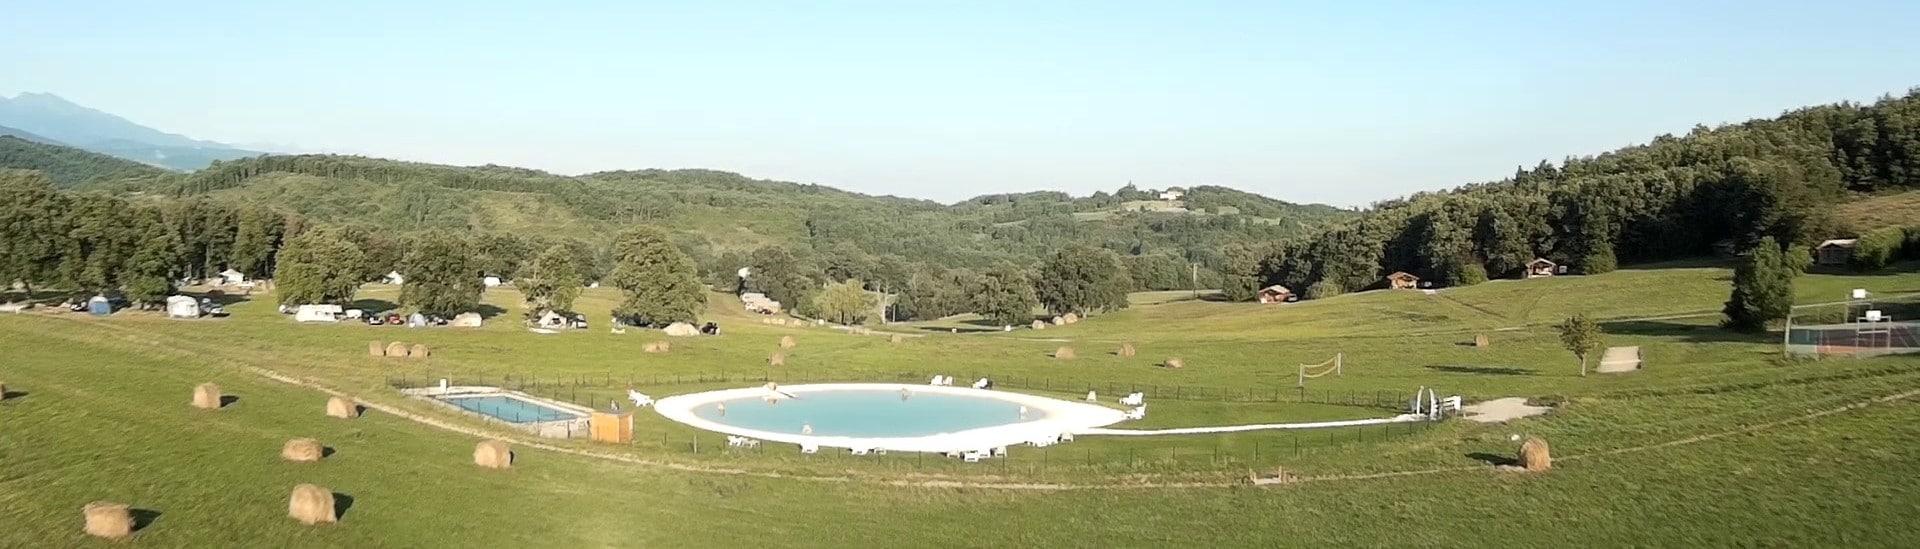 Piscine naturelle lagon | Camping en Ariège 4 étoiles